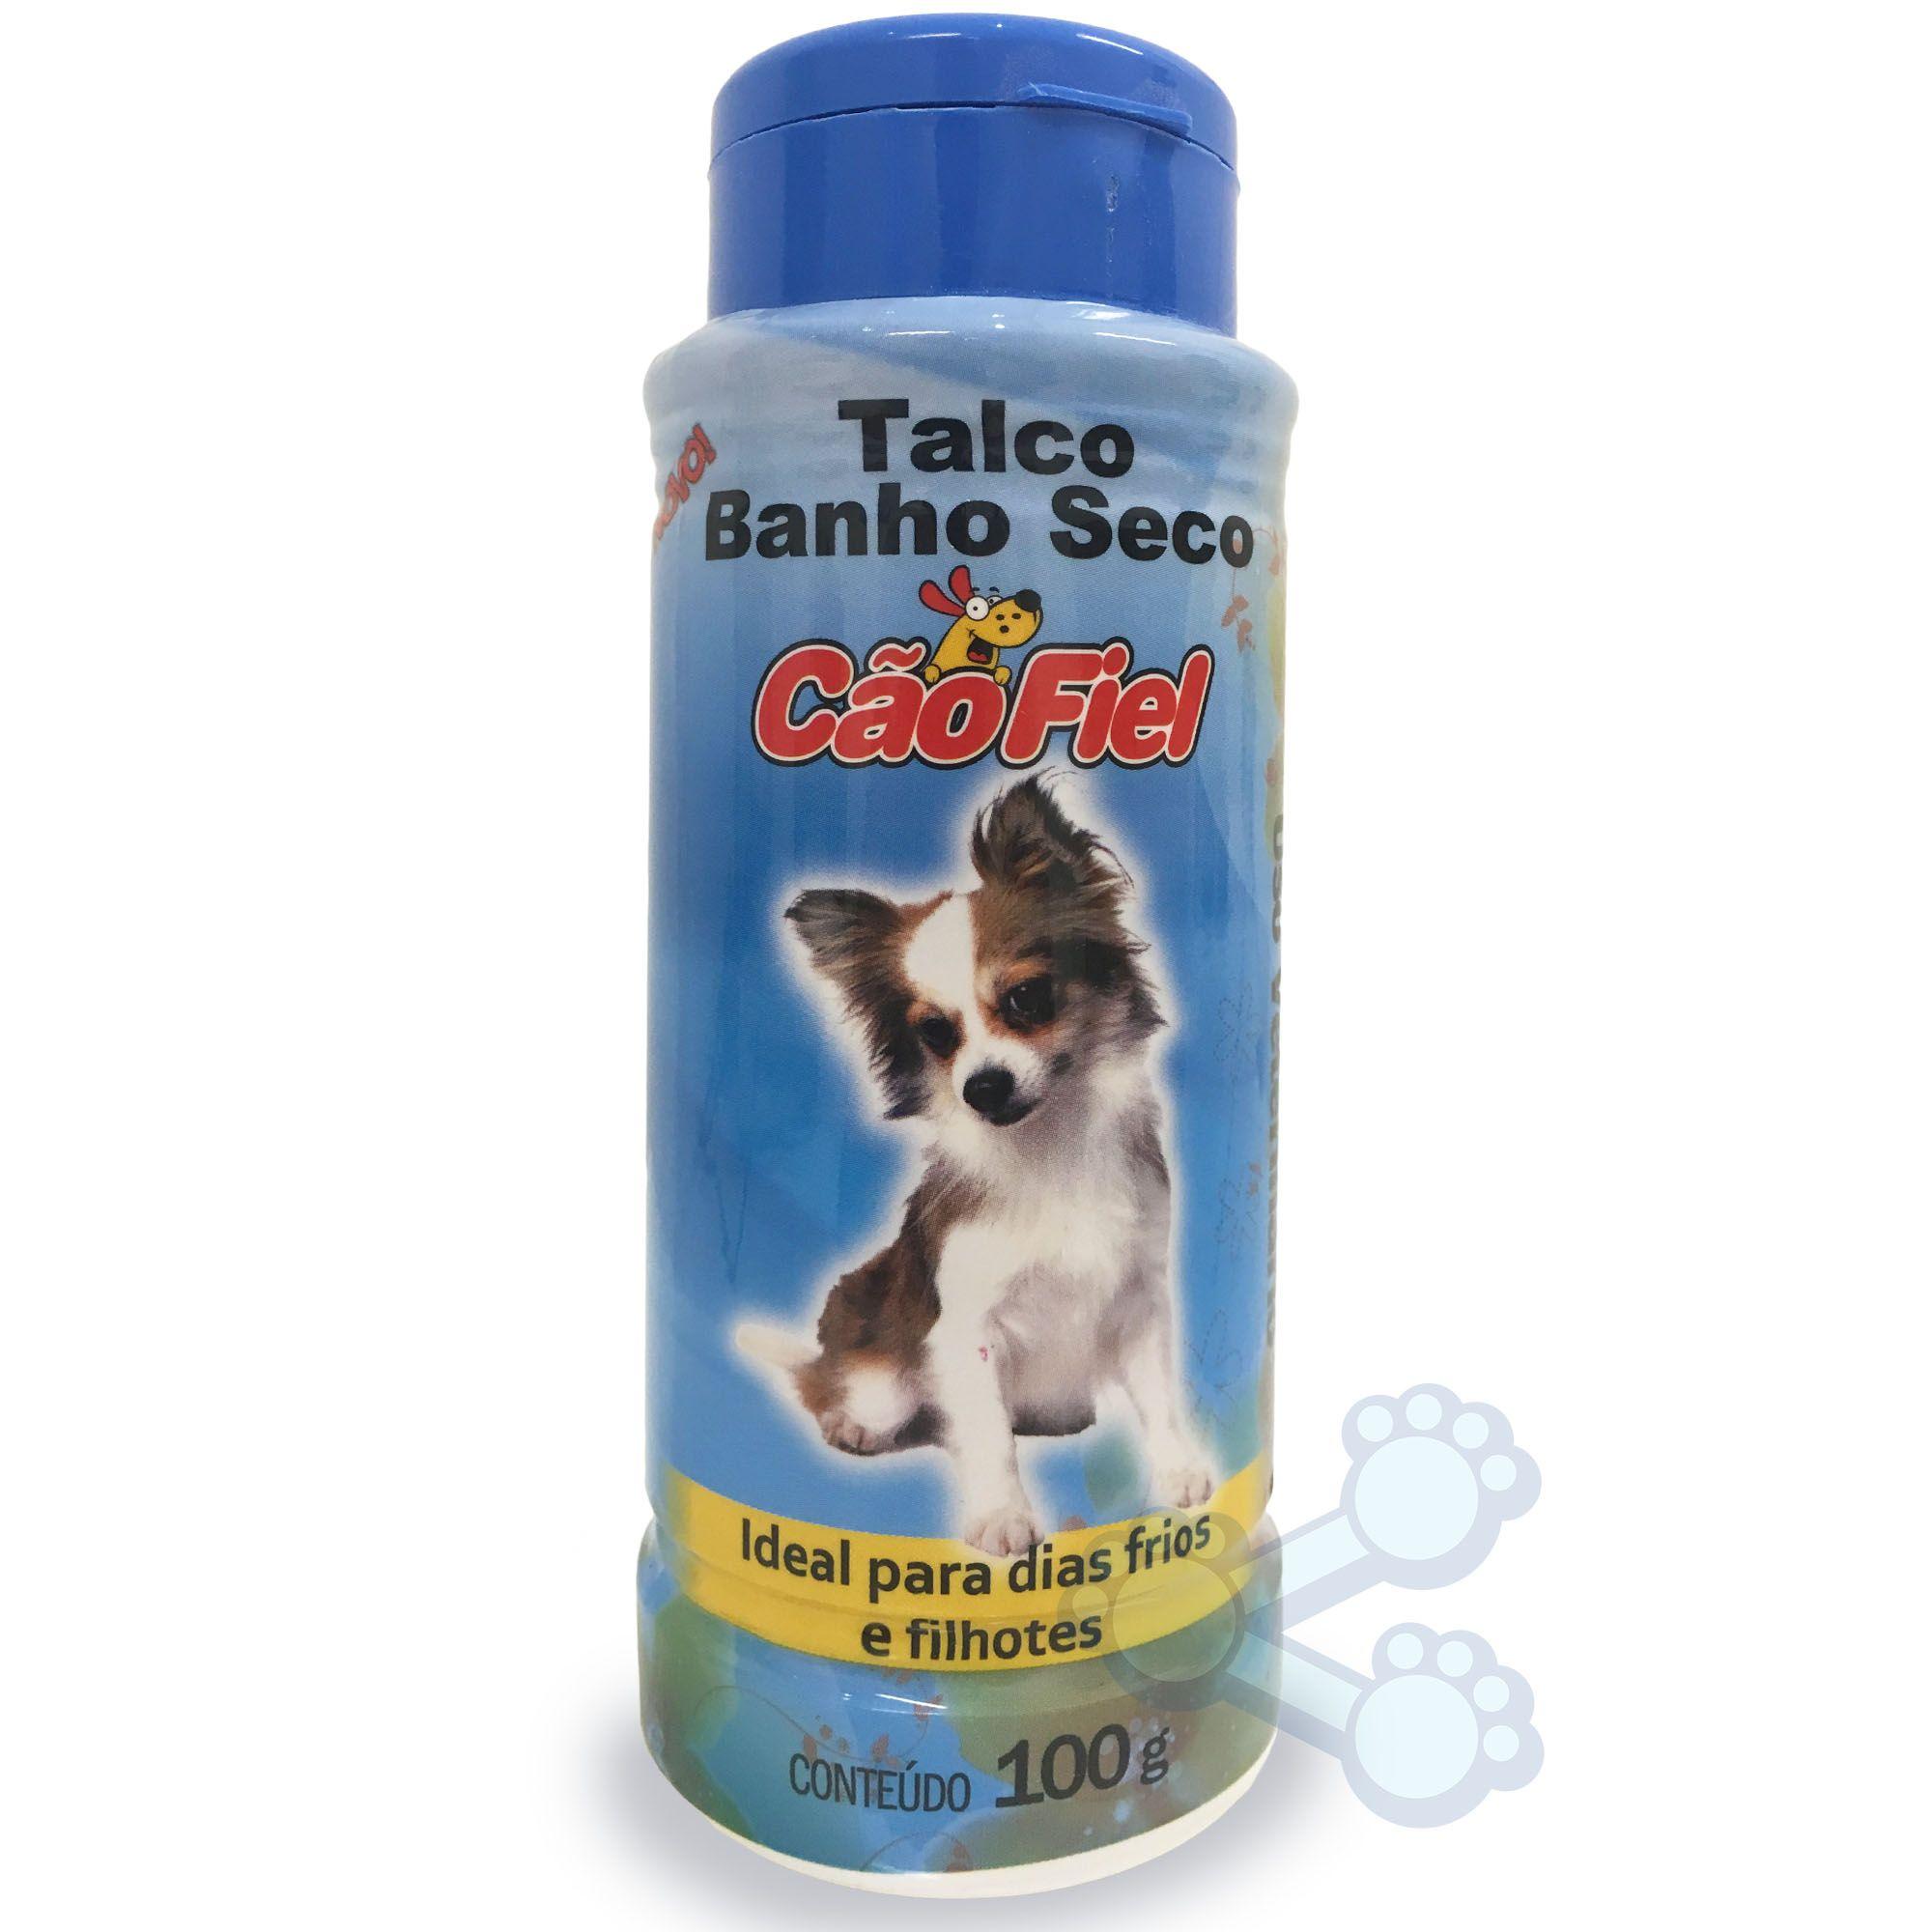 Talco Banho Seco Cão Fiel filhotes 100g